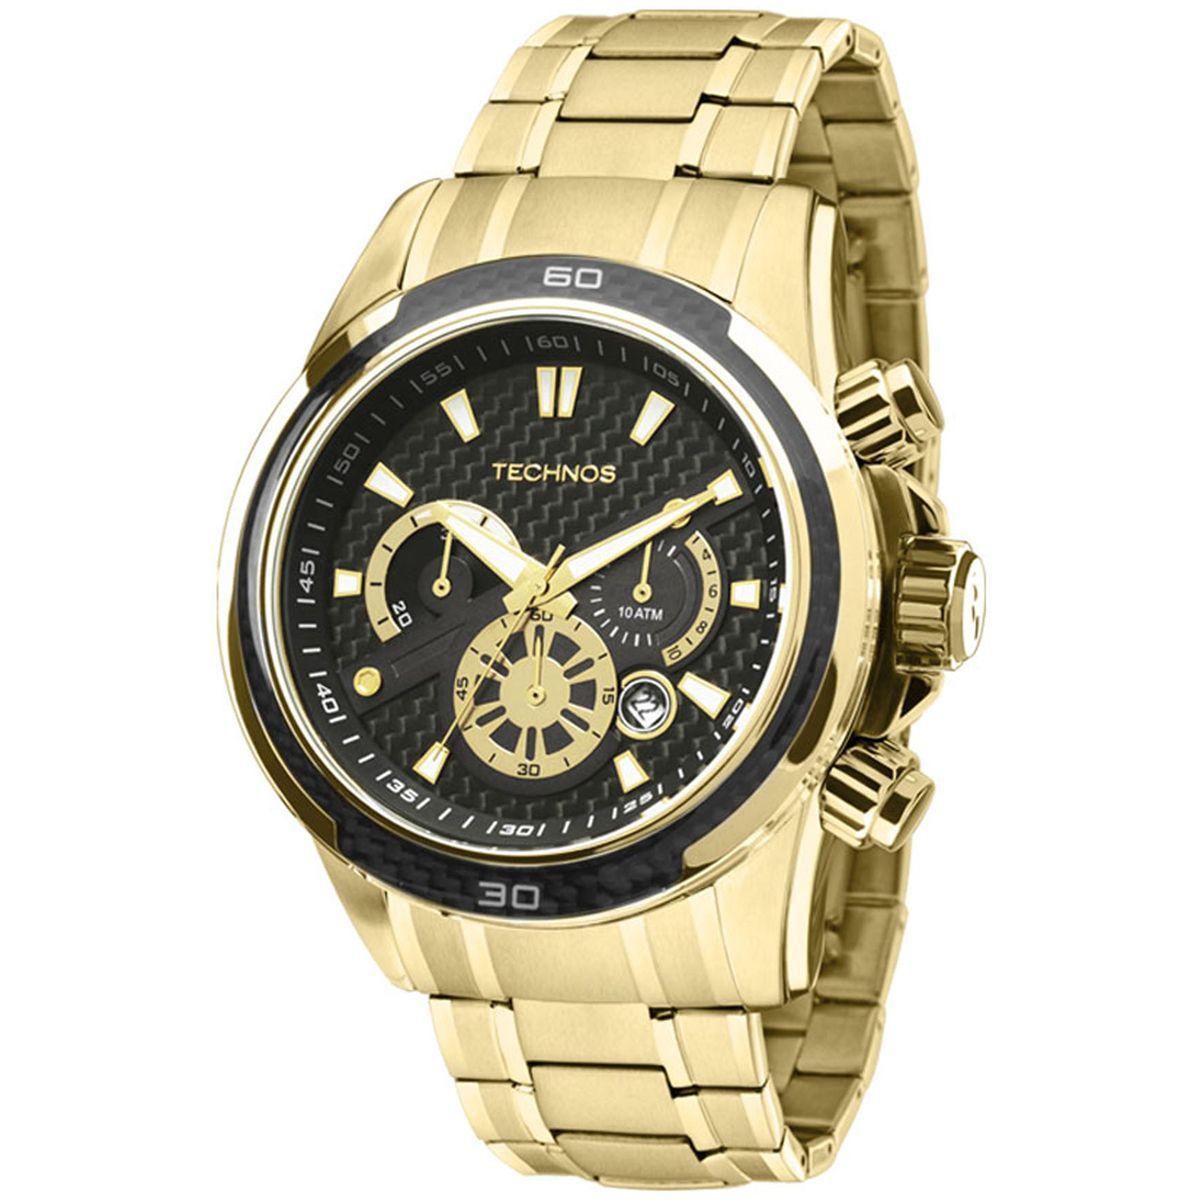 3d0c51fdc9a Relógio Technos Cronógrafo Performance Ts Carbon Analógico Masculino  JS26AA 4P Produto não disponível